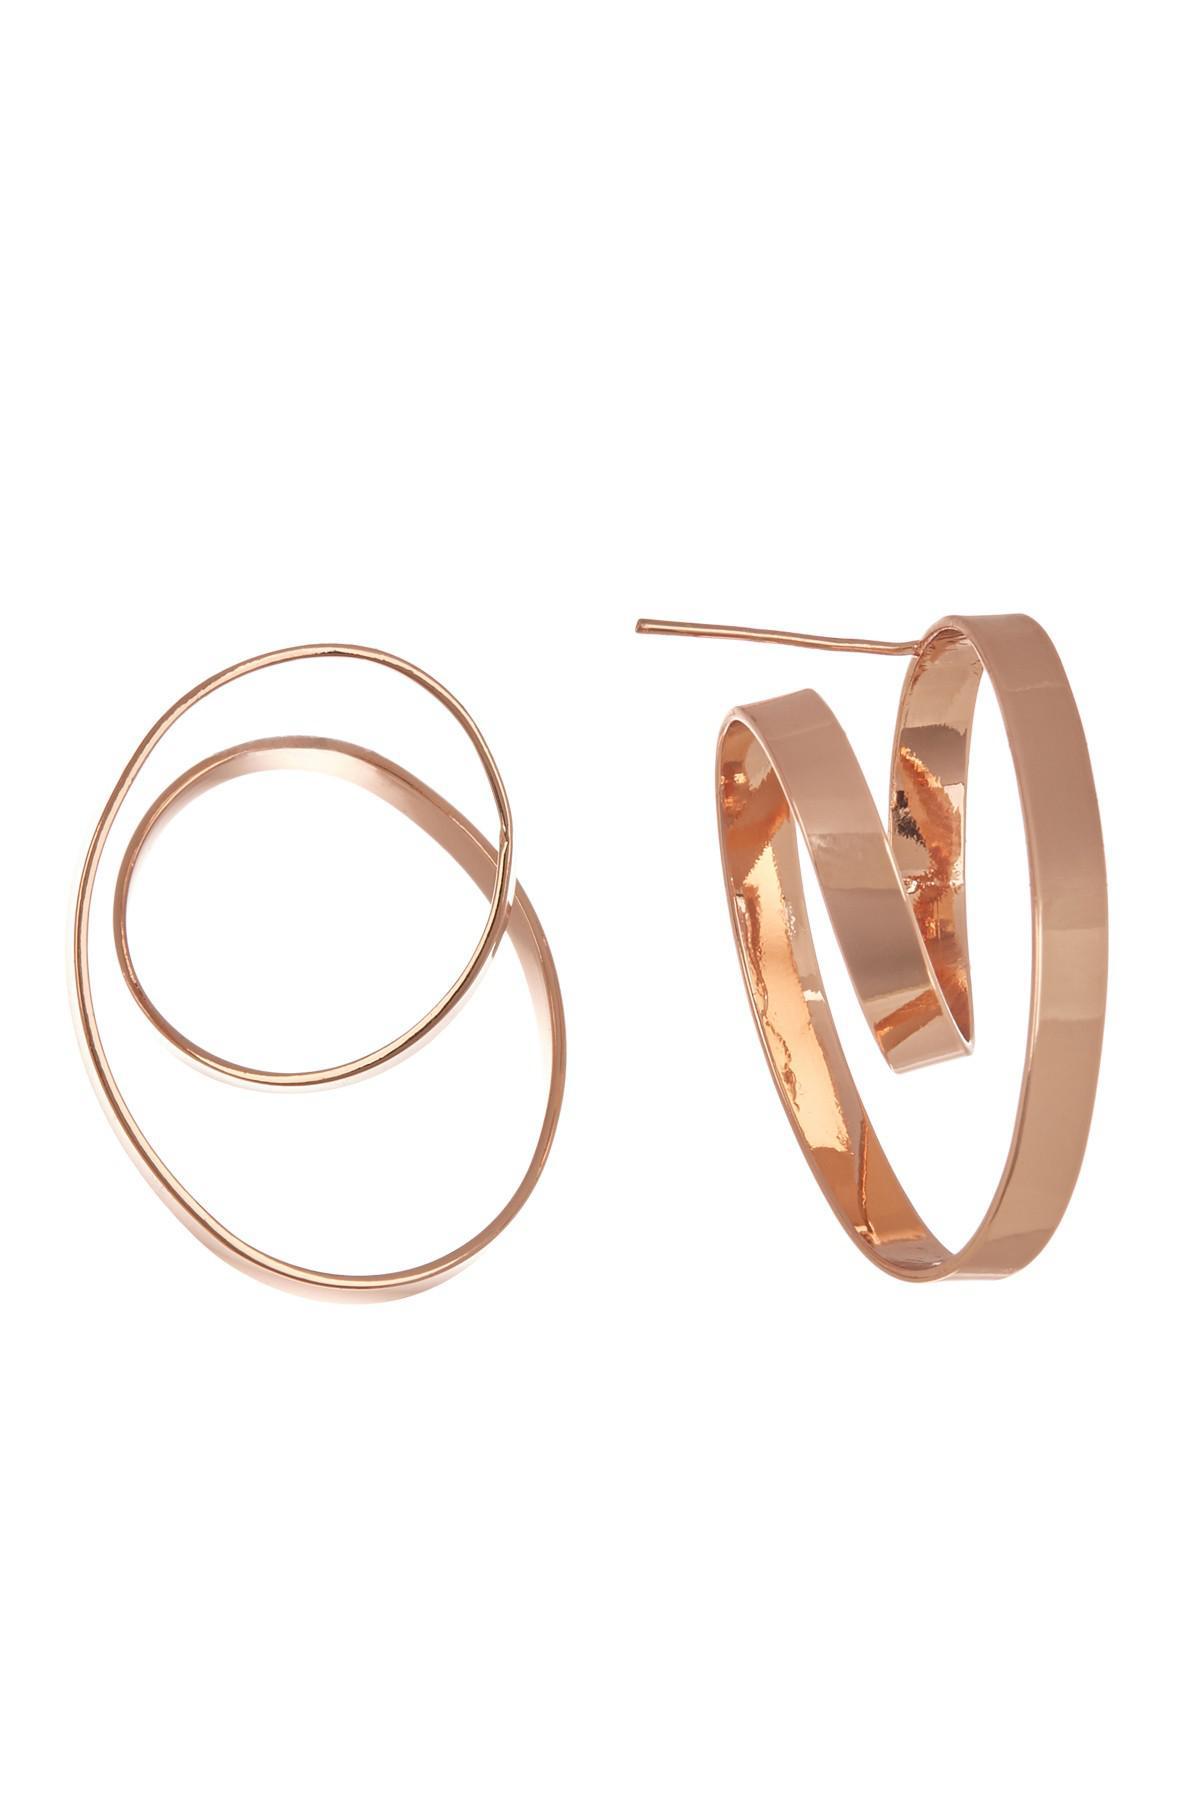 Gallery Previously Sold At Nordstrom Rack Women S Hoop Earrings